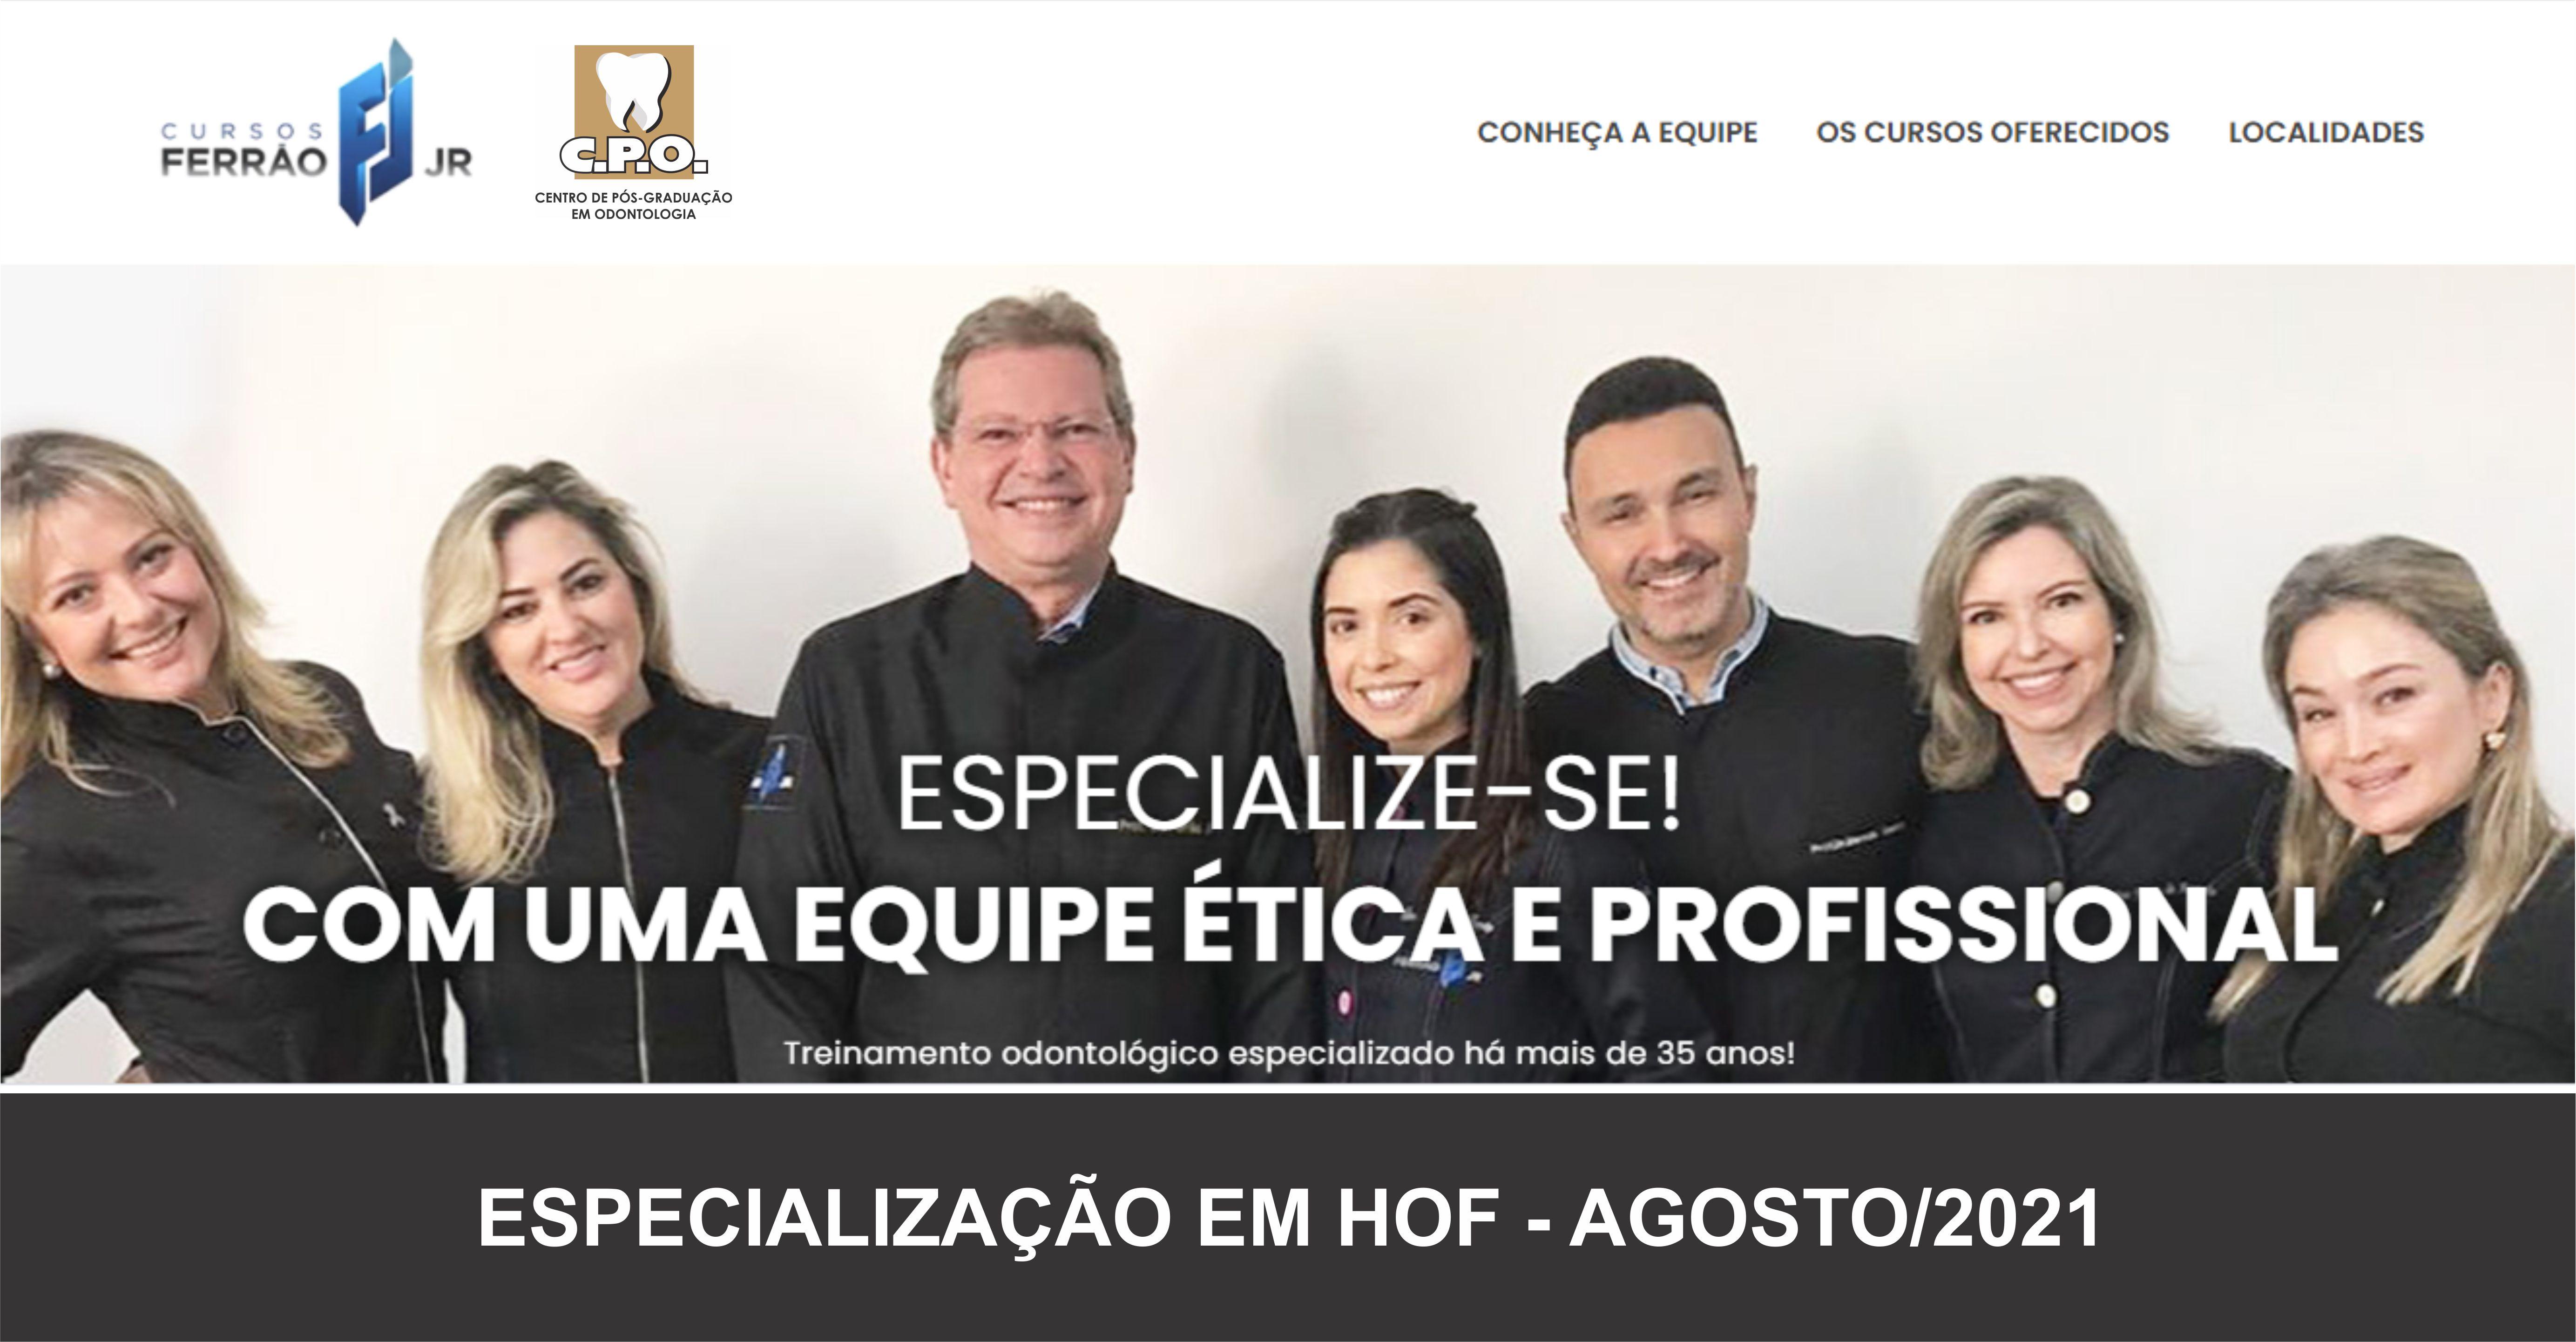 eSPE hof 2021